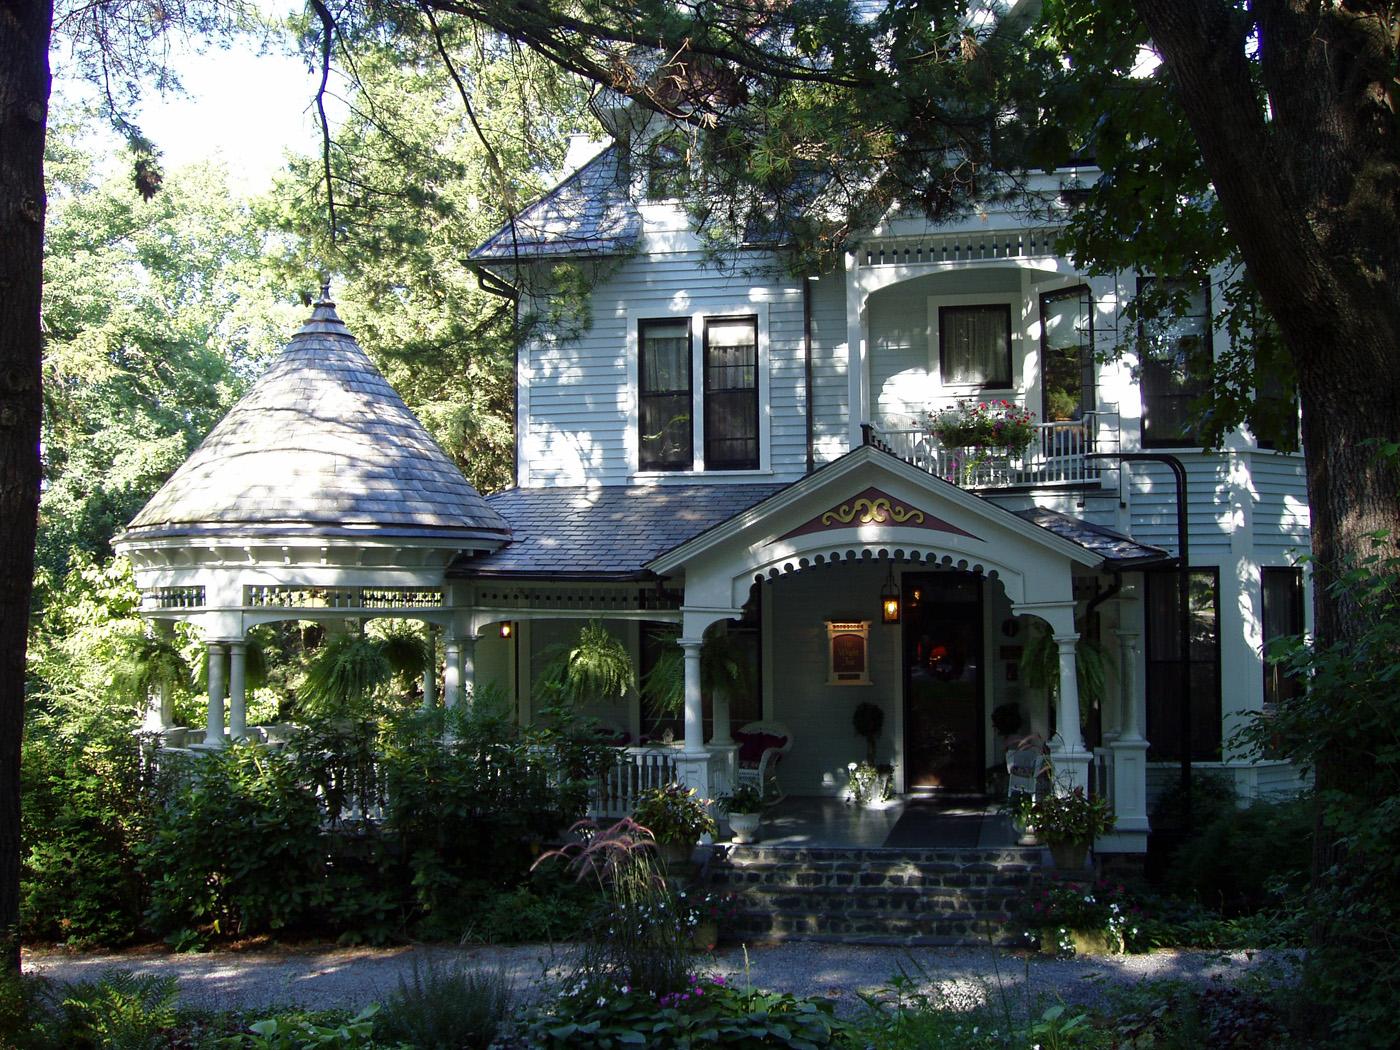 Wright Inn Preservation